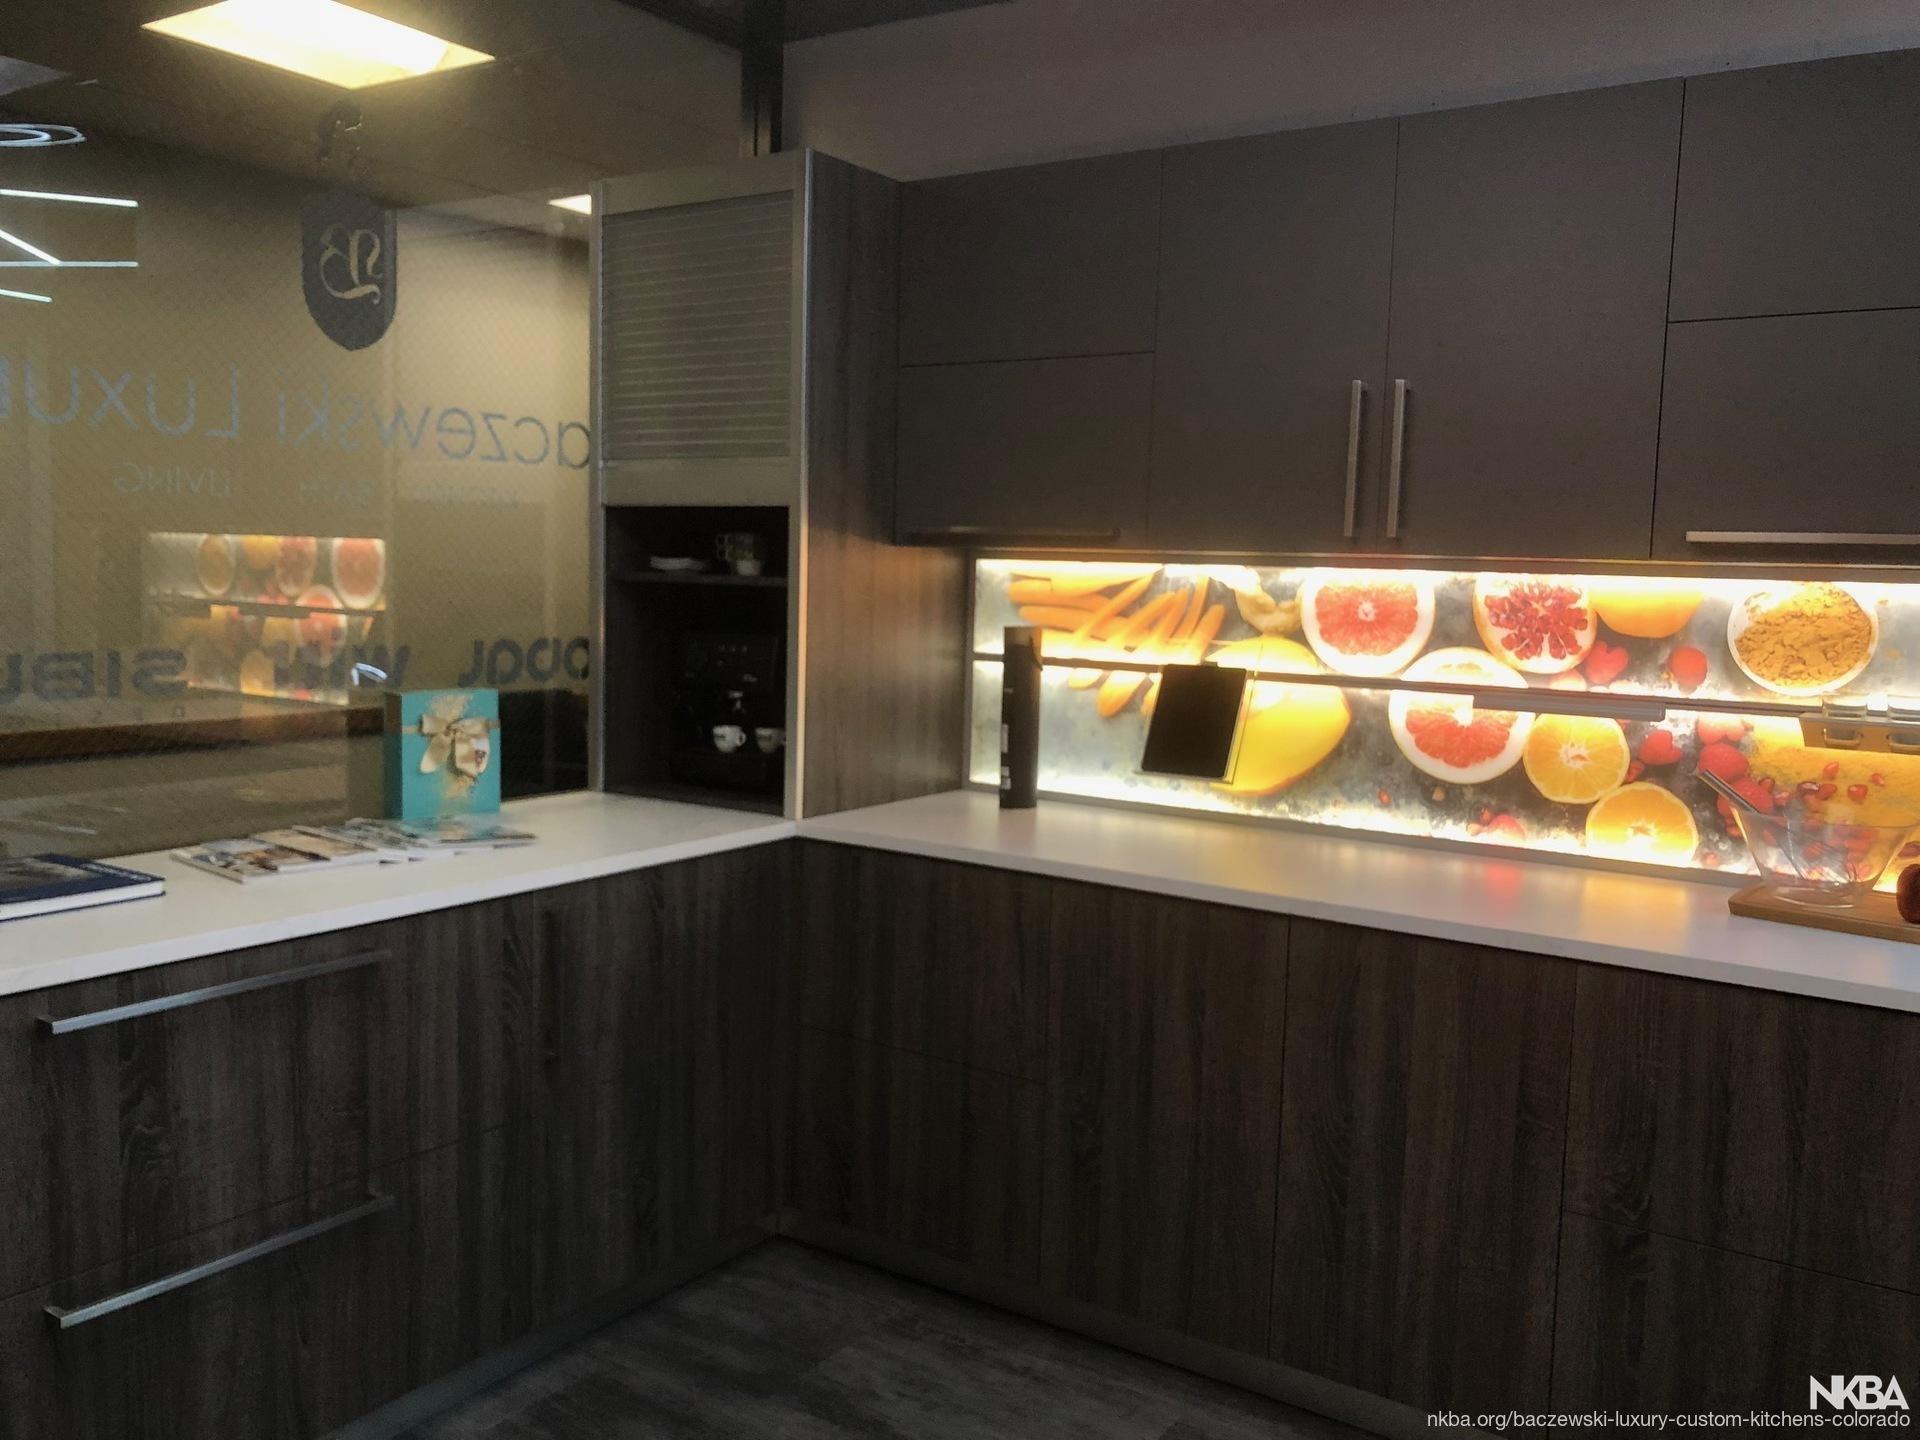 Kitchen Design Made in Denver Colorado - NKBA